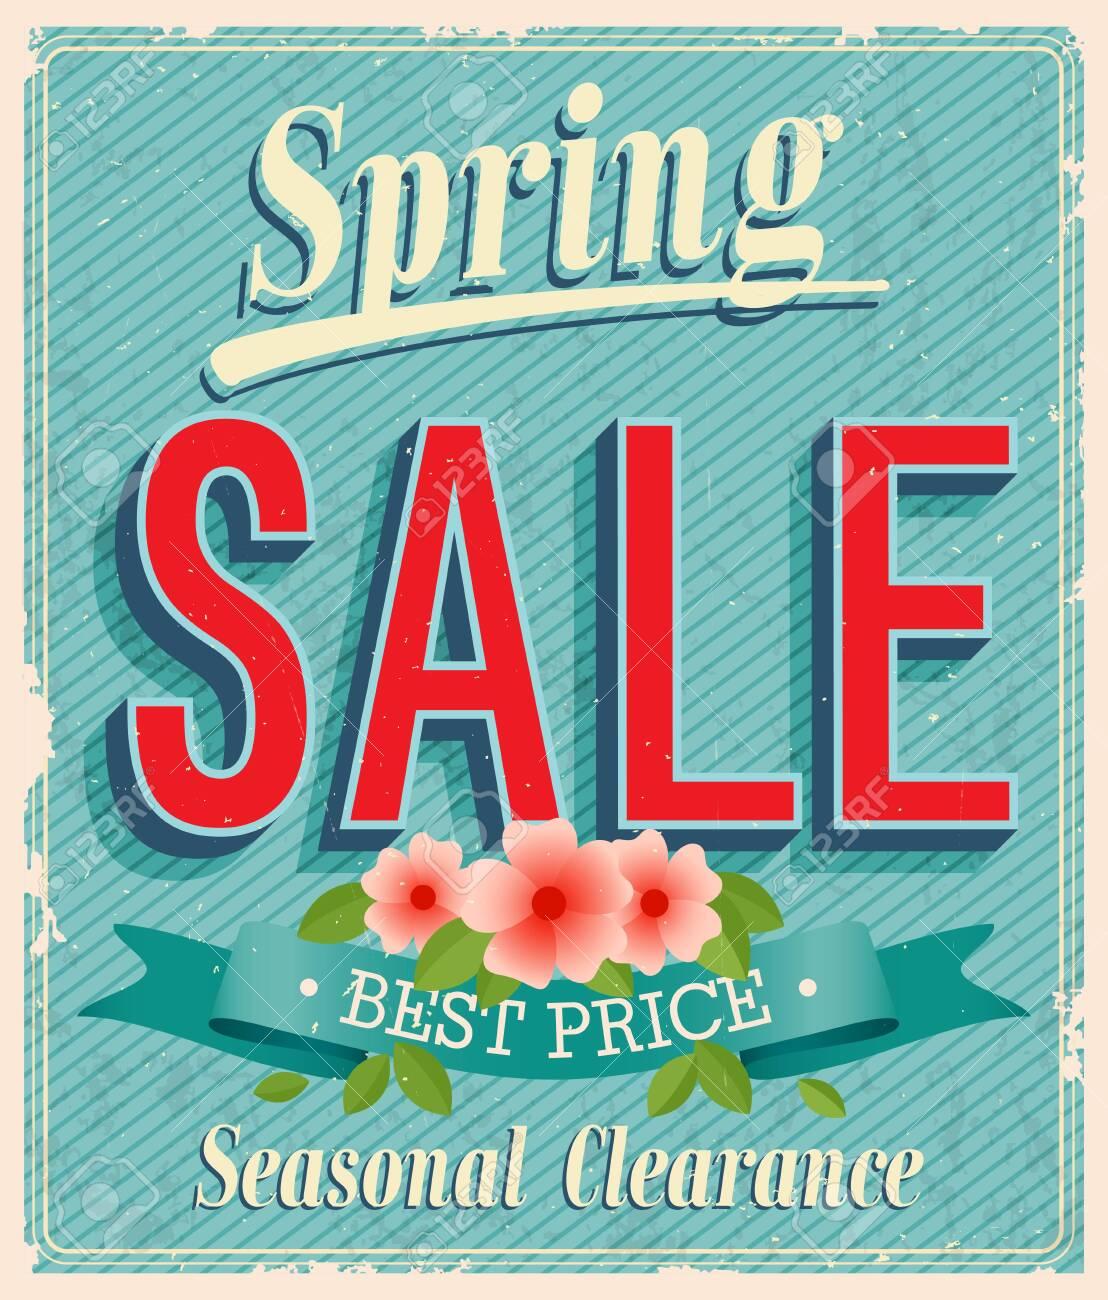 Vontage card - Spring Sale. - 26935235